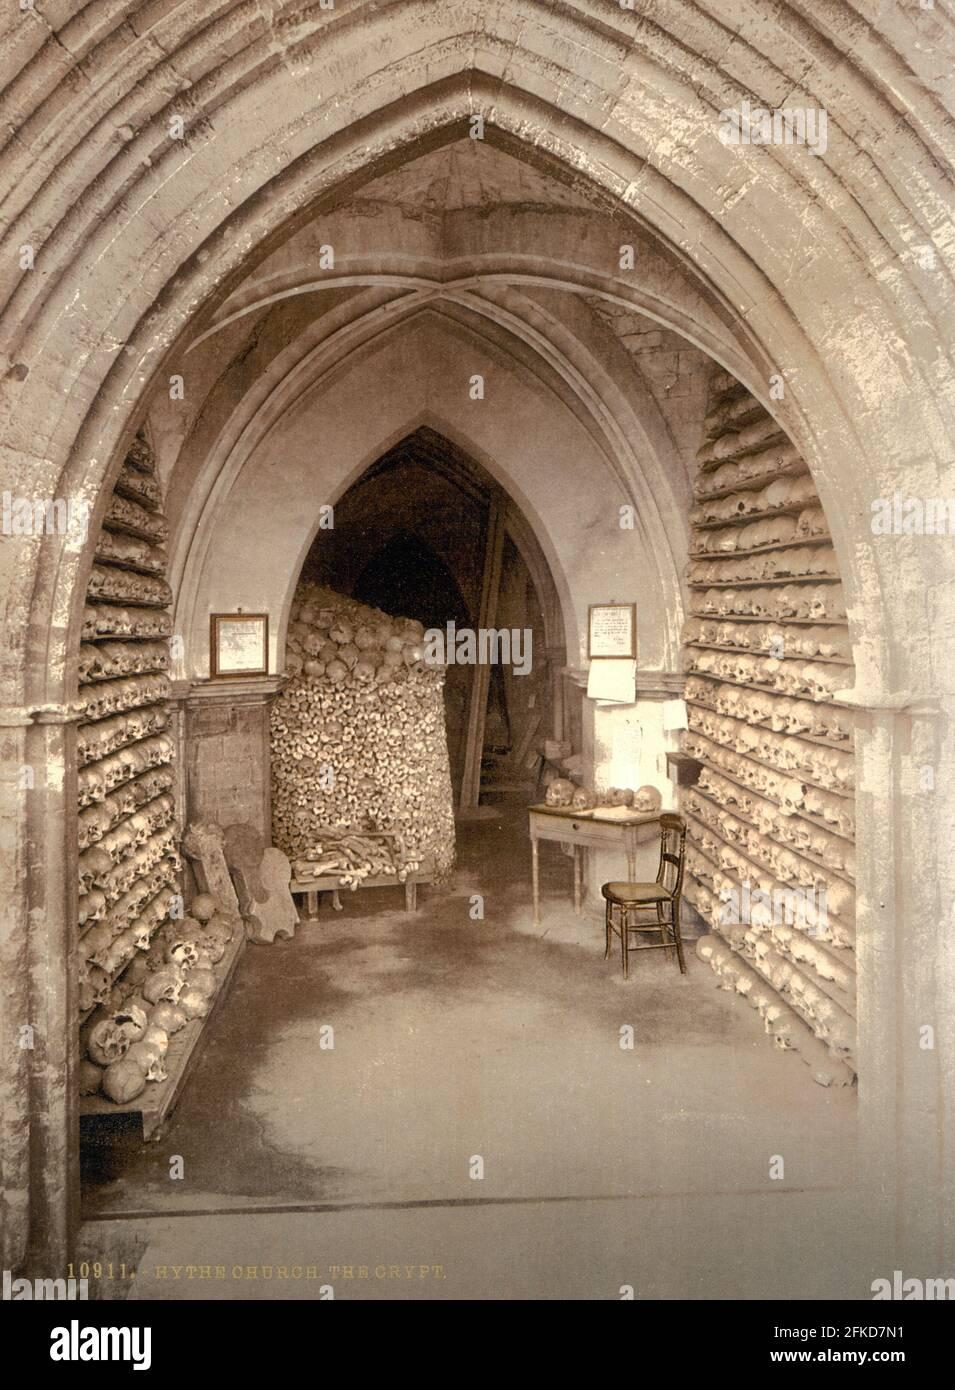 Das Beinhaus in der Krypta von St. Leonard, Hythe, Kent um 1890-1900 Stockfoto